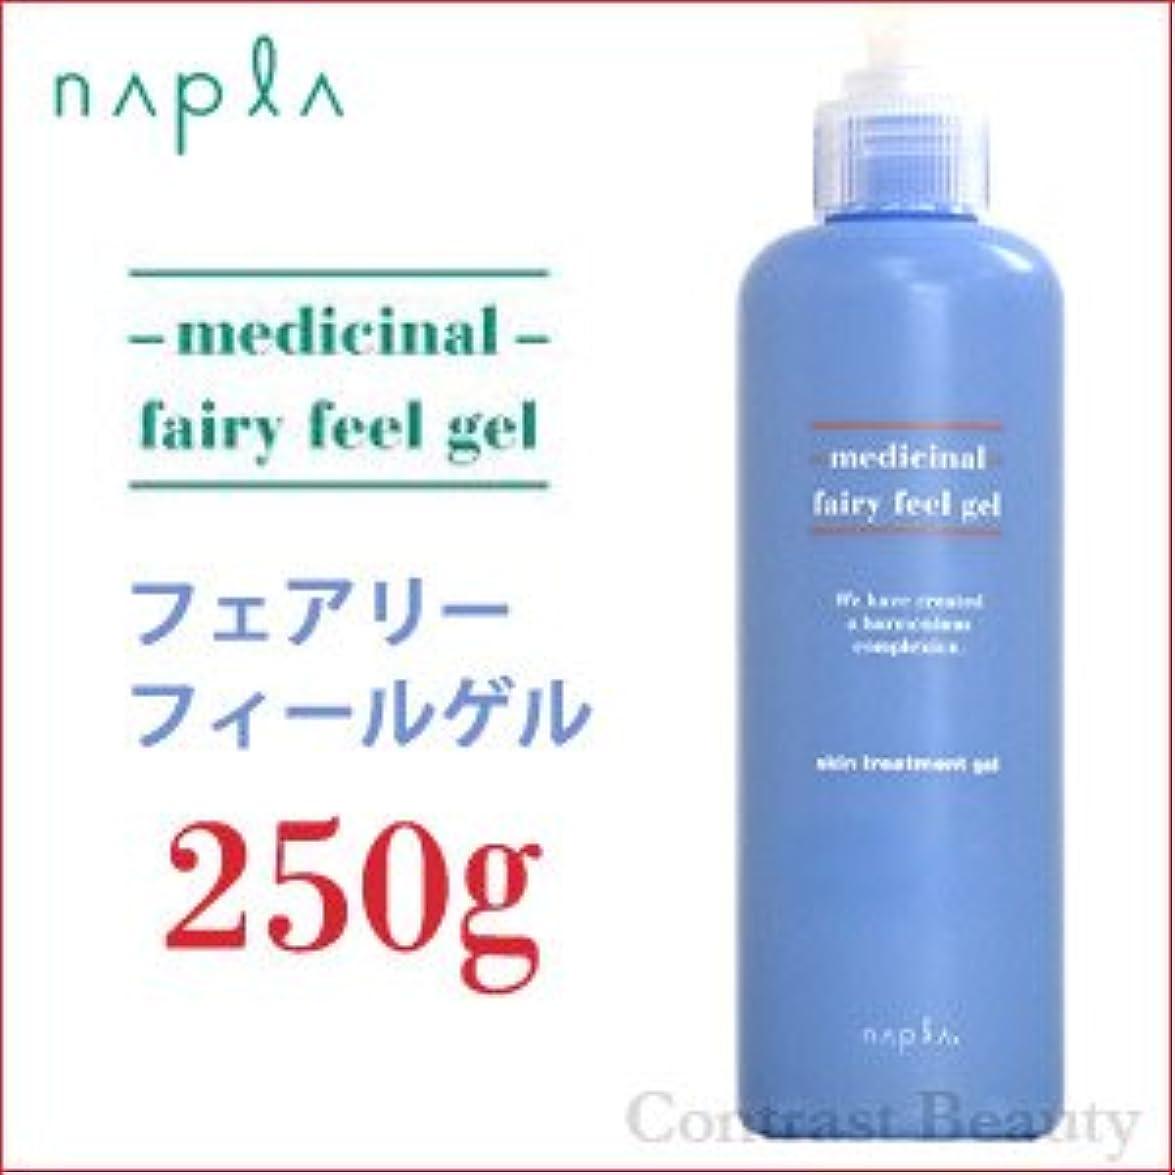 八百屋騒乱マウンド【X5個セット】 ナプラ 薬用フェアリーフィールゲル 250g